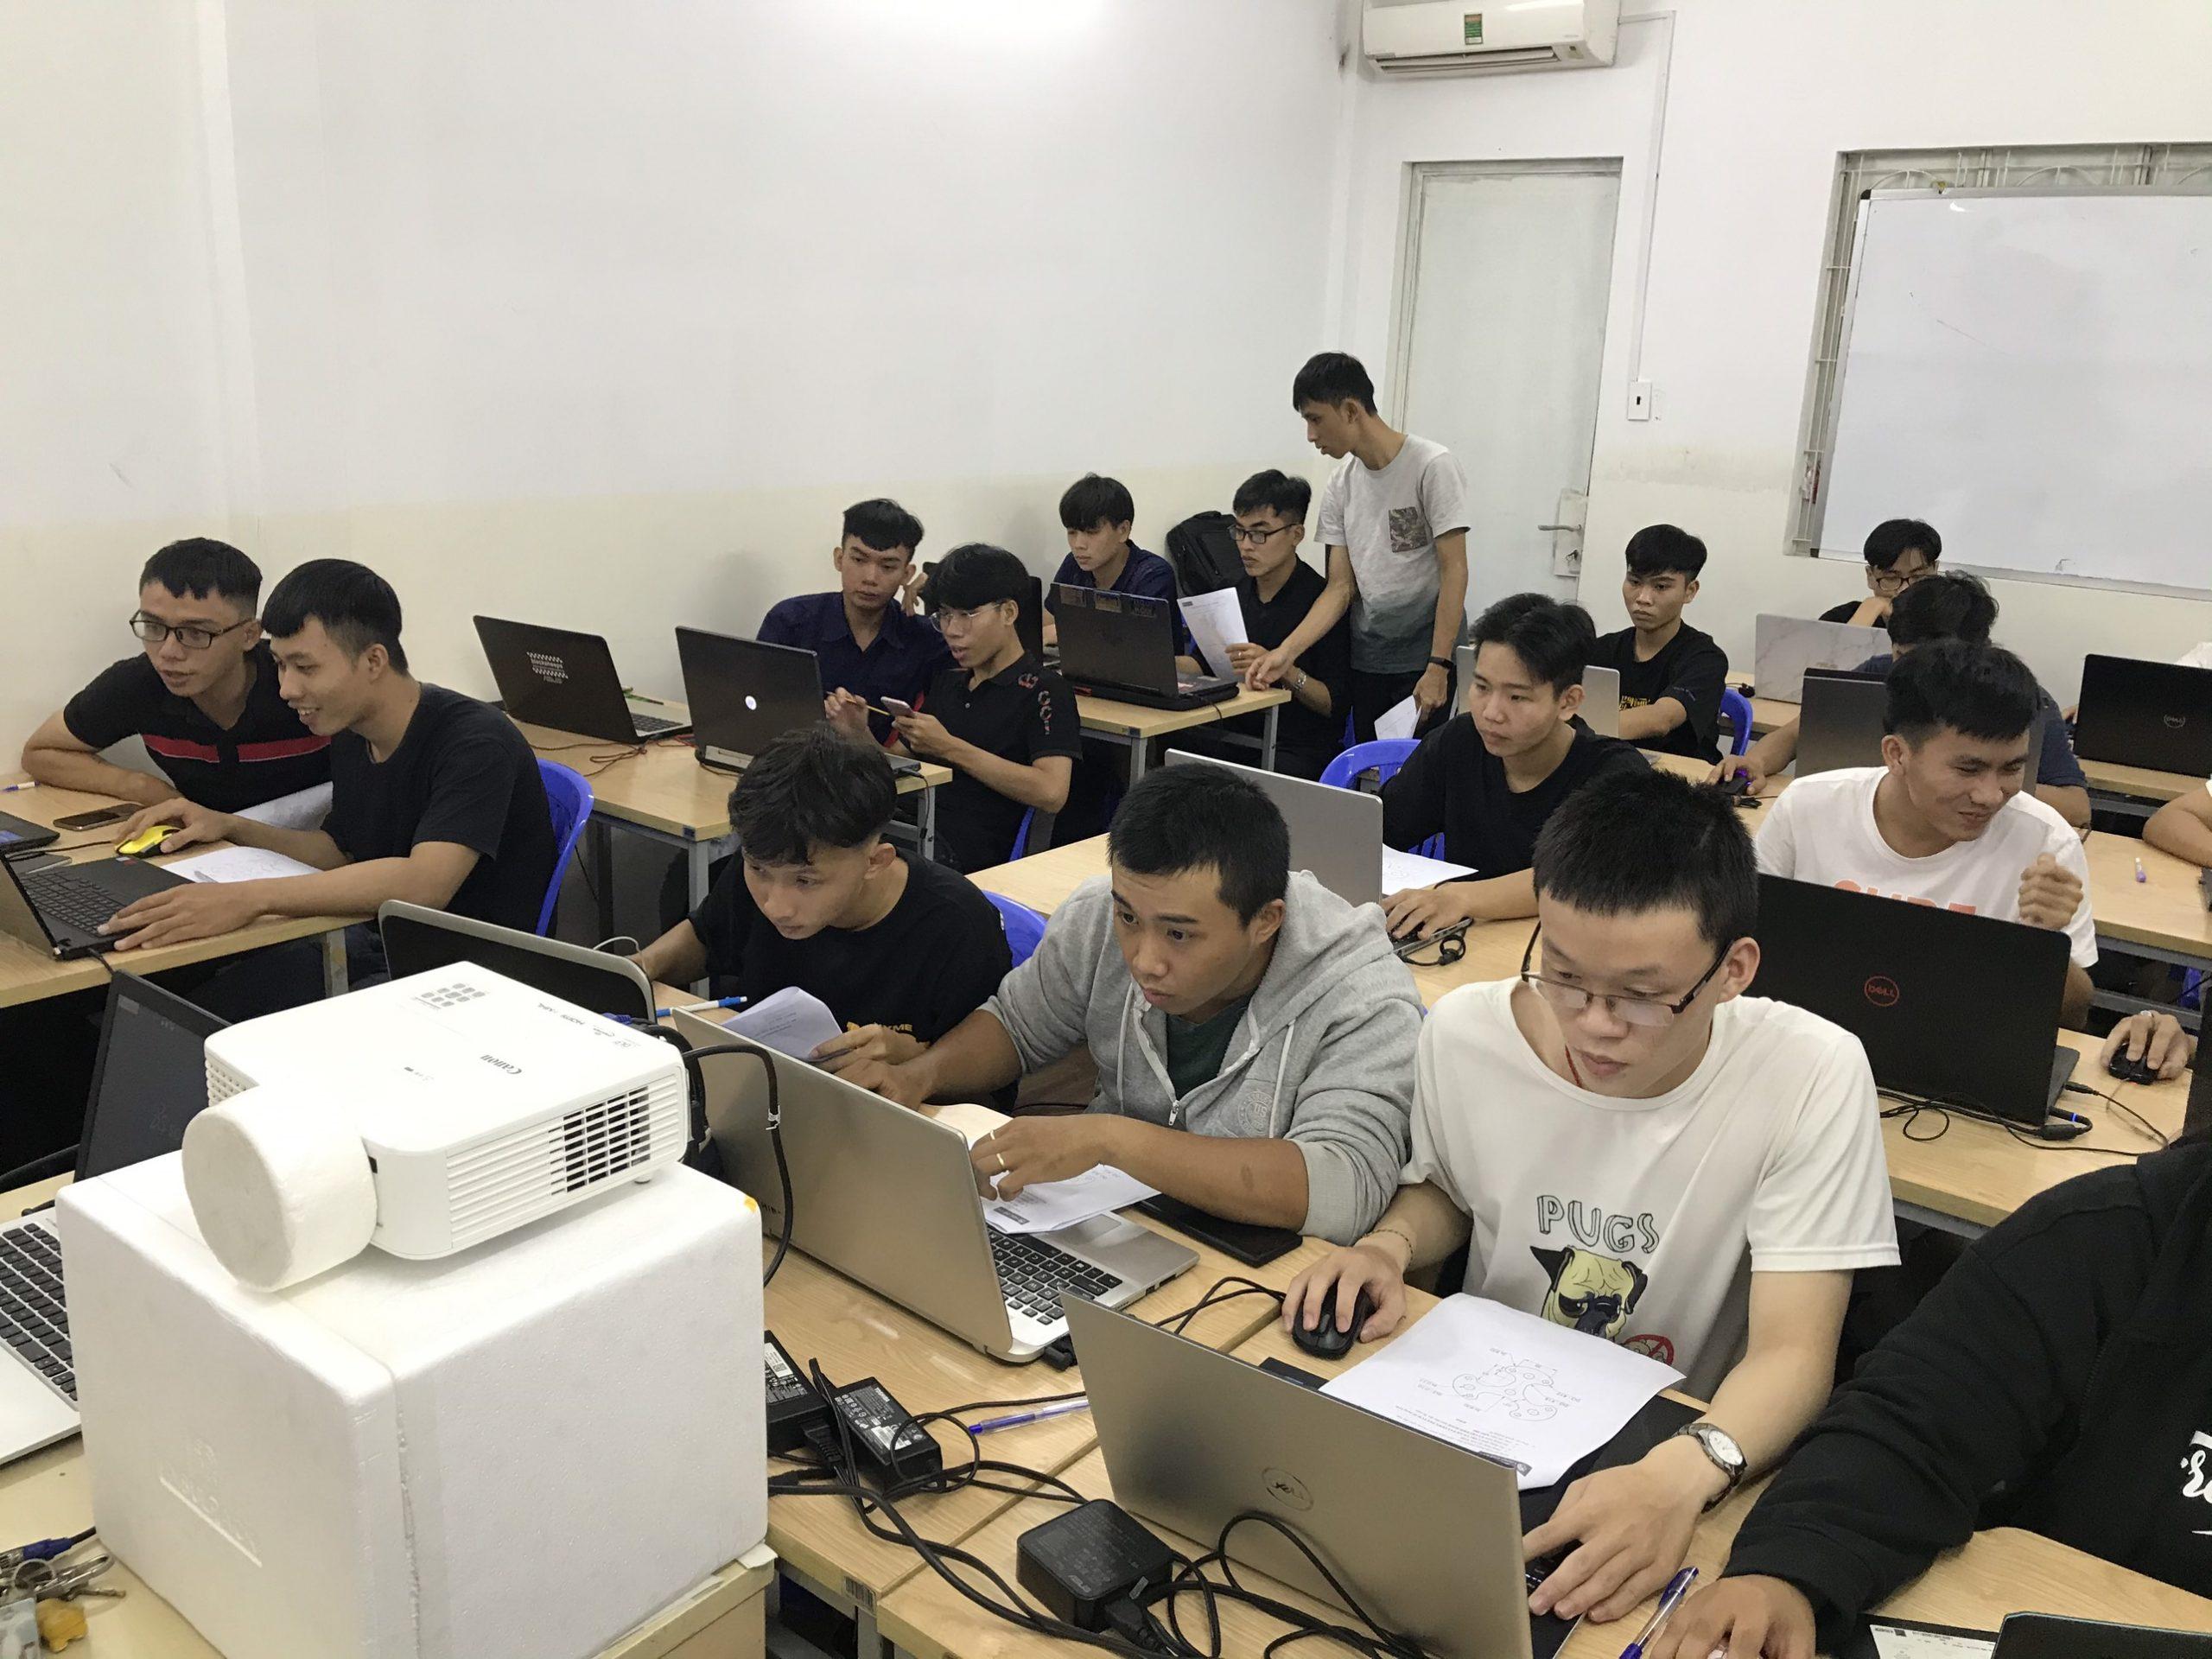 Khoá học Solidworks ở Bắc Ninh